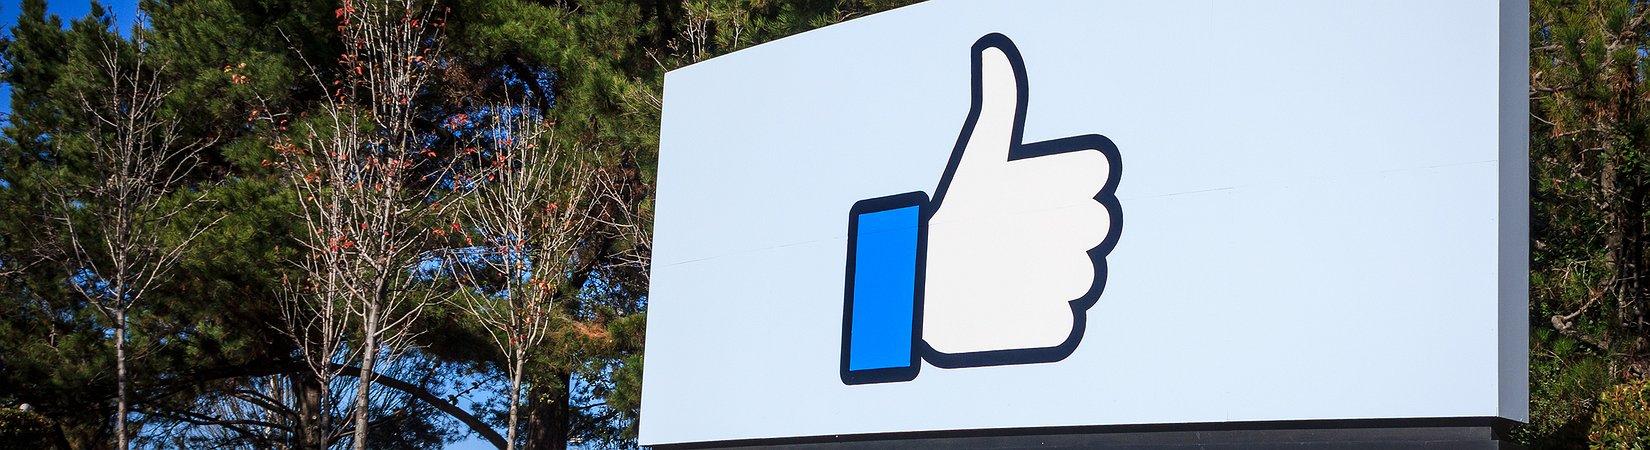 Facebook descubre una campaña propagandística desde Rusia